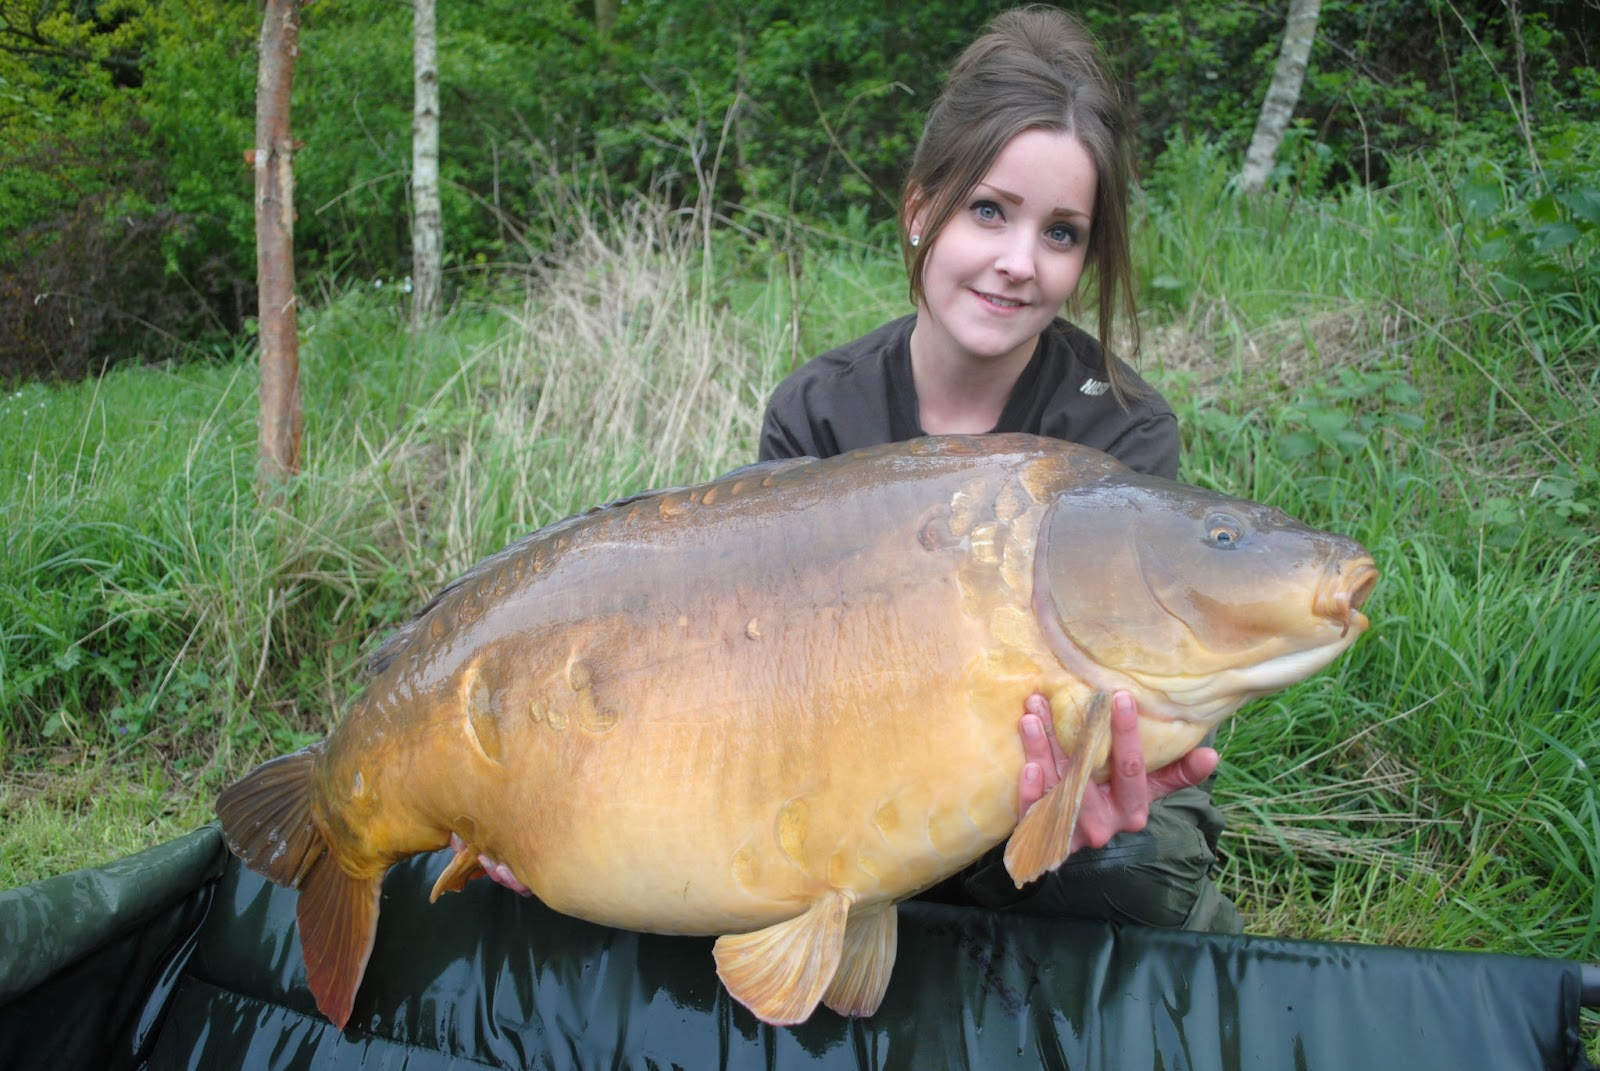 Obsessive carp disorder ocd clothing ocd 39 s katie for Fishing for carp